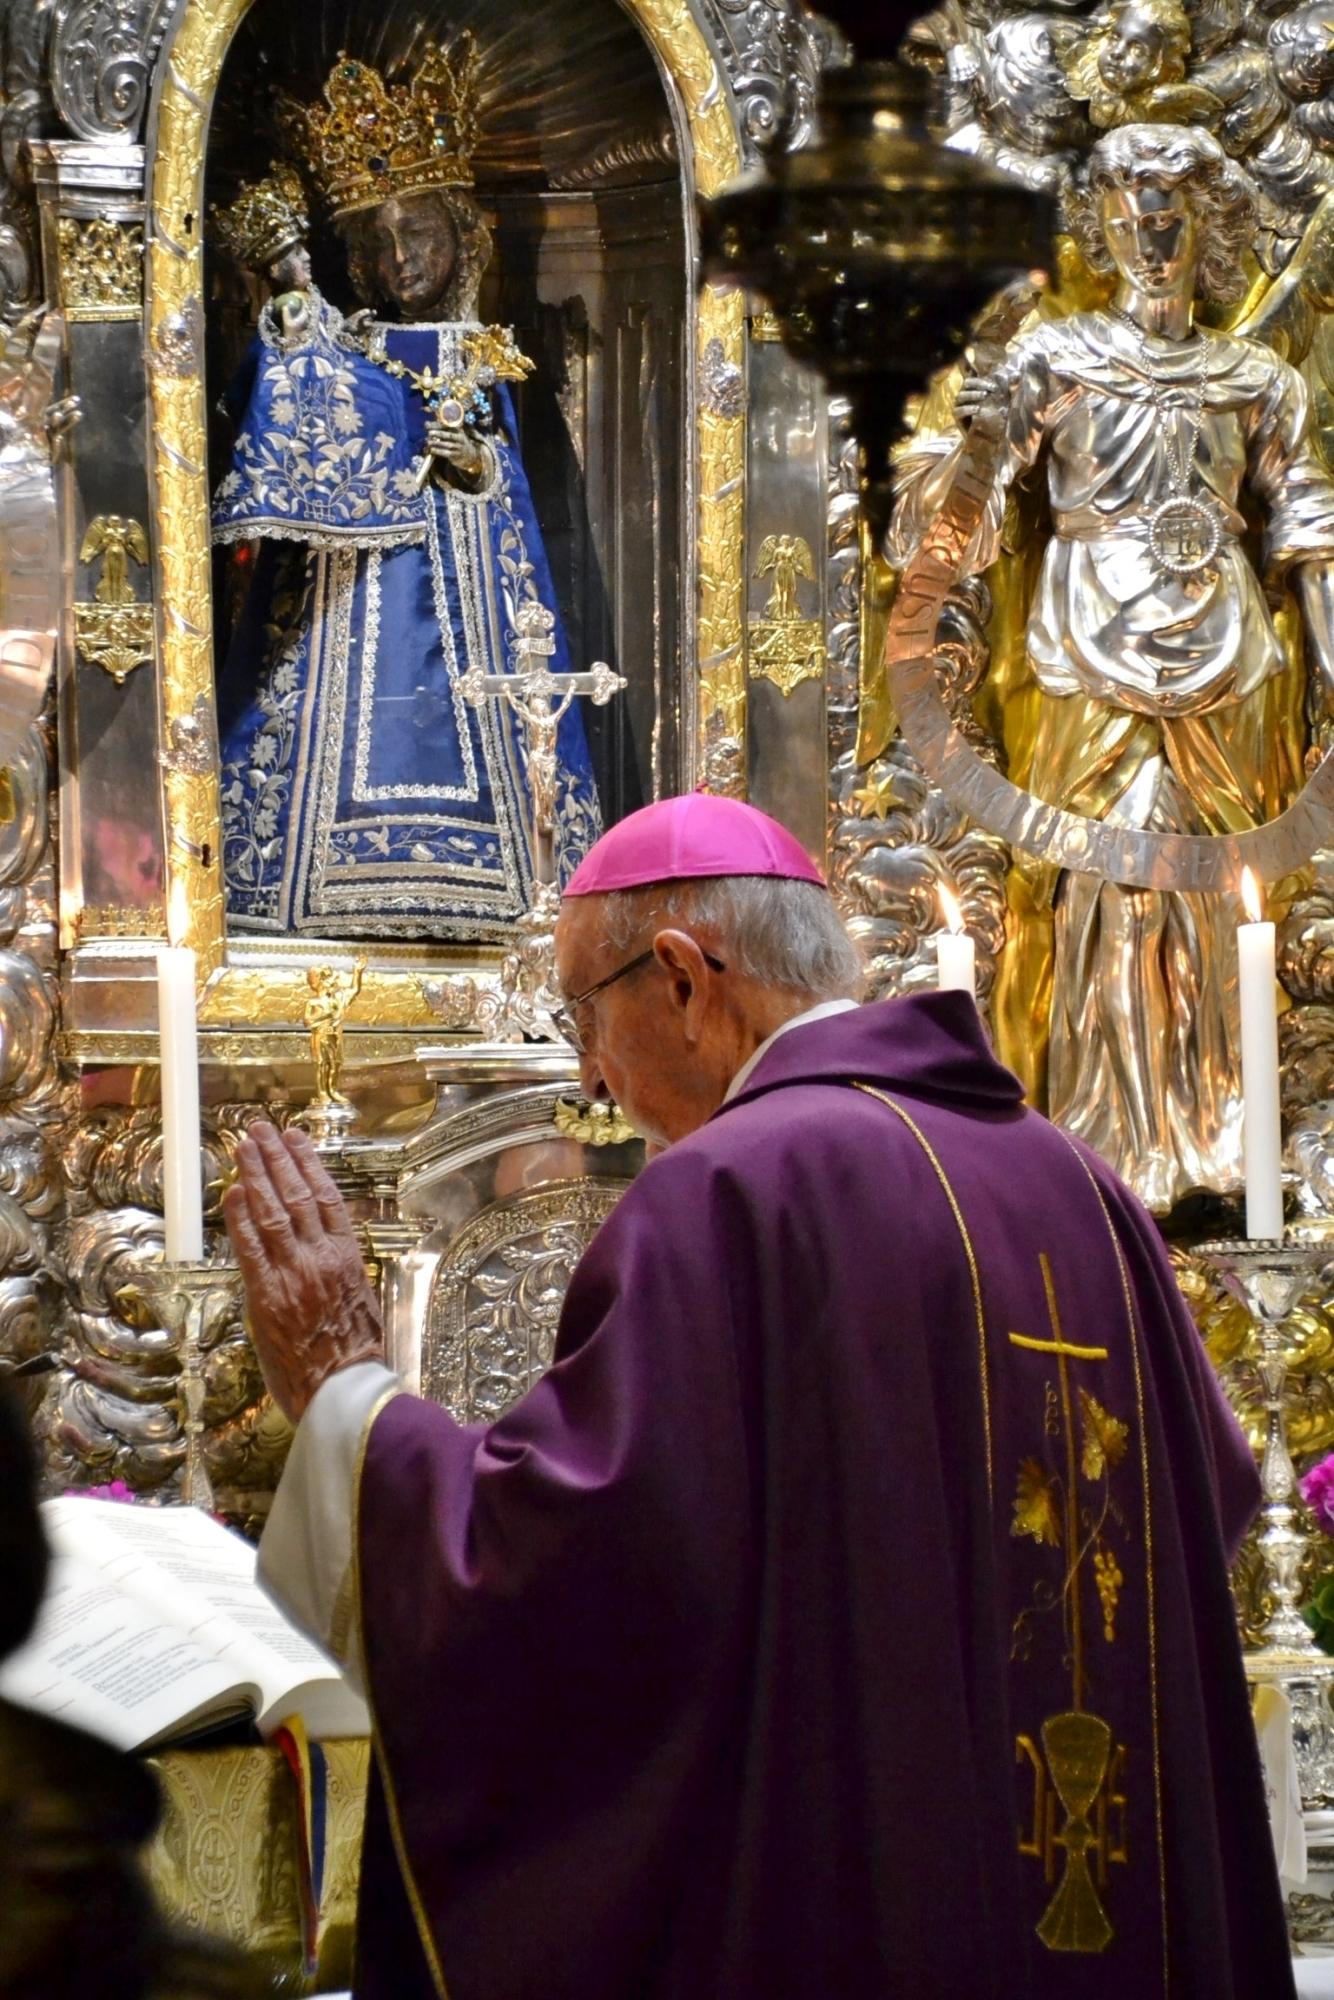 Bischof em Wilhelm Schraml 35 Jahre Bischof 8 03 2021 2